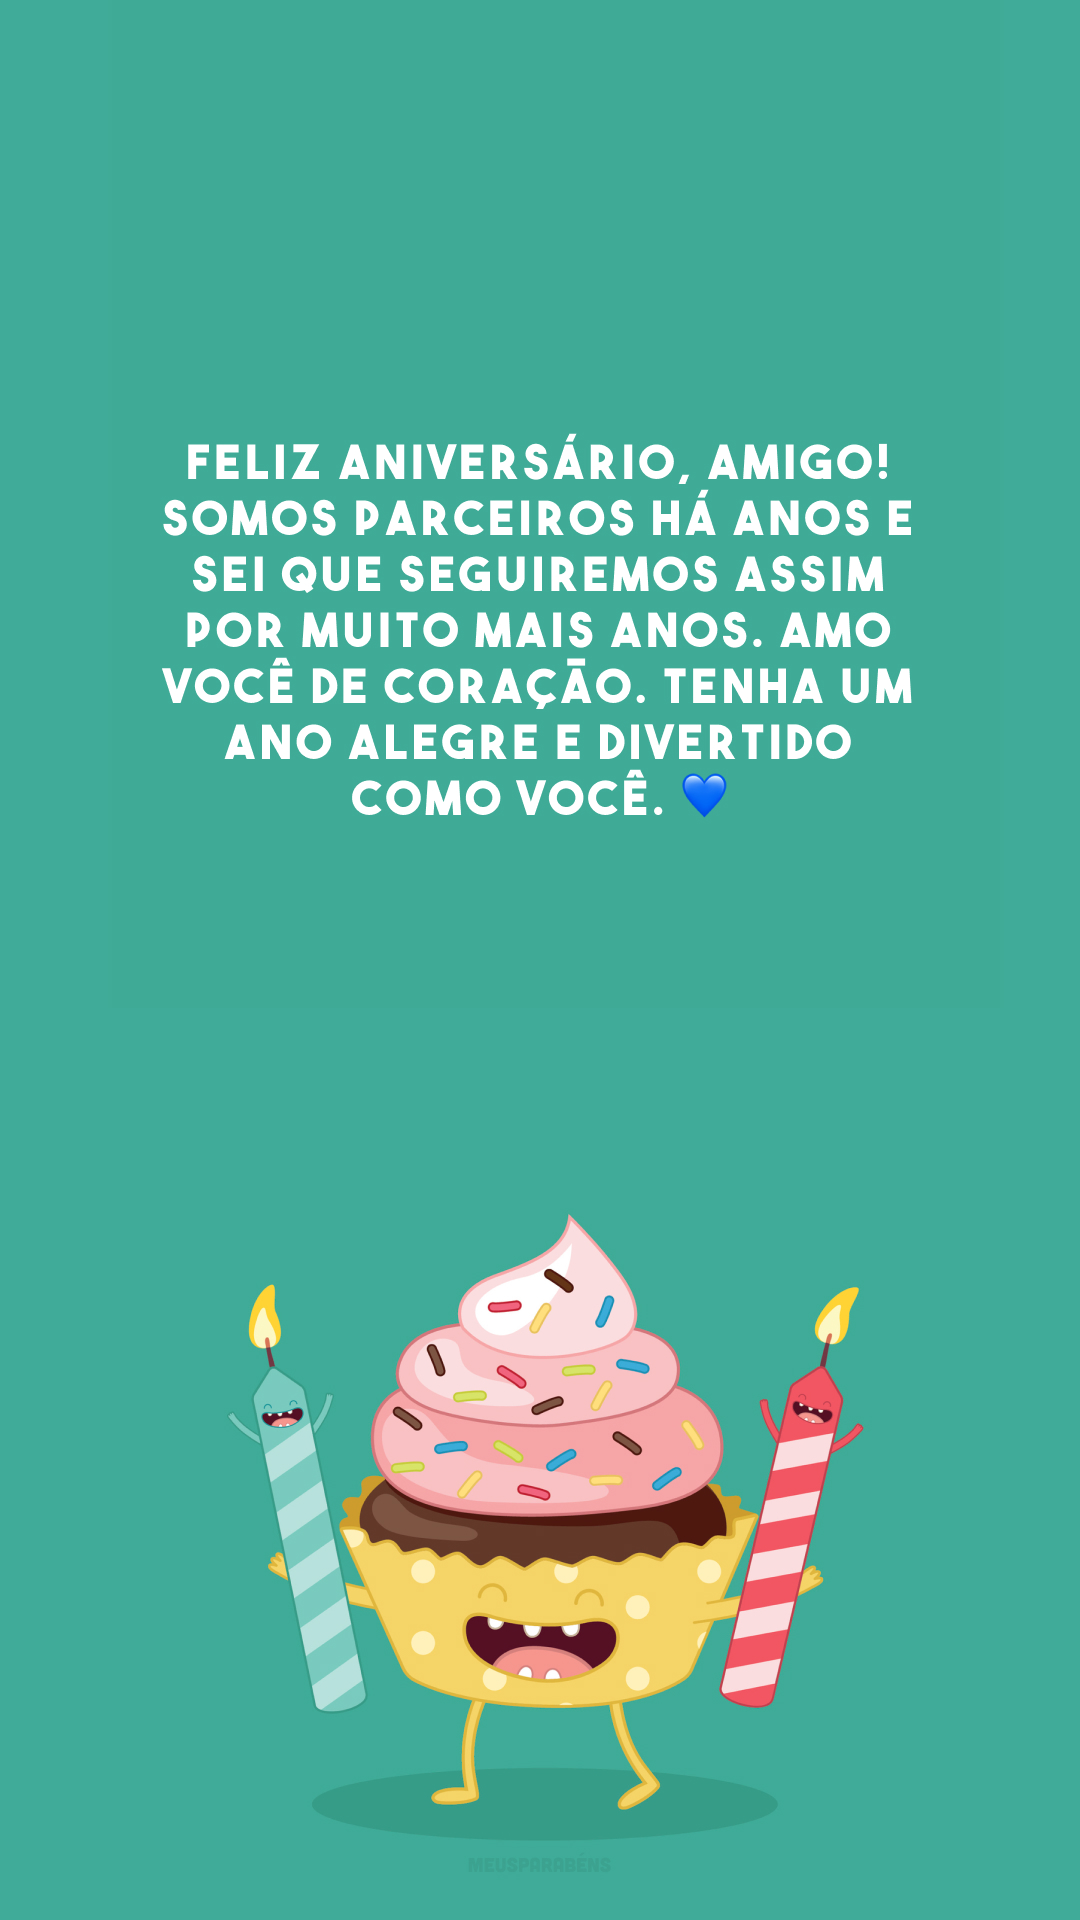 Feliz aniversário, amigo! Somos parceiros há anos e sei que seguiremos assim por muito mais anos. Amo você de coração. Tenha um ano alegre e divertido como você. 💙